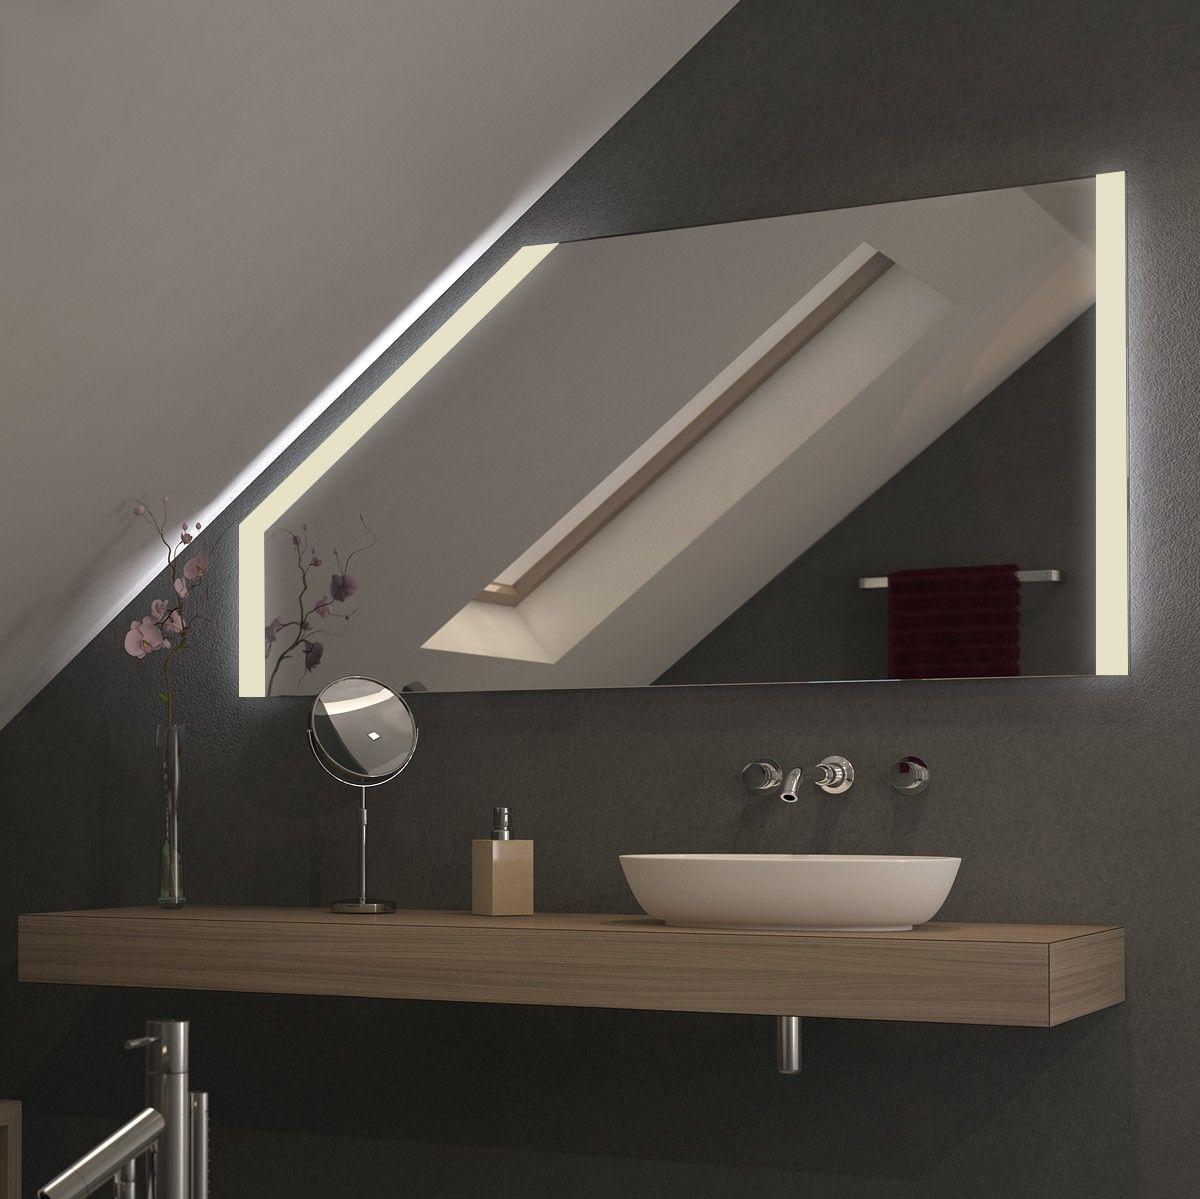 Pin Von Ebs Auf Bad Dachschrage Spiegel Und Badezimmerspiegel